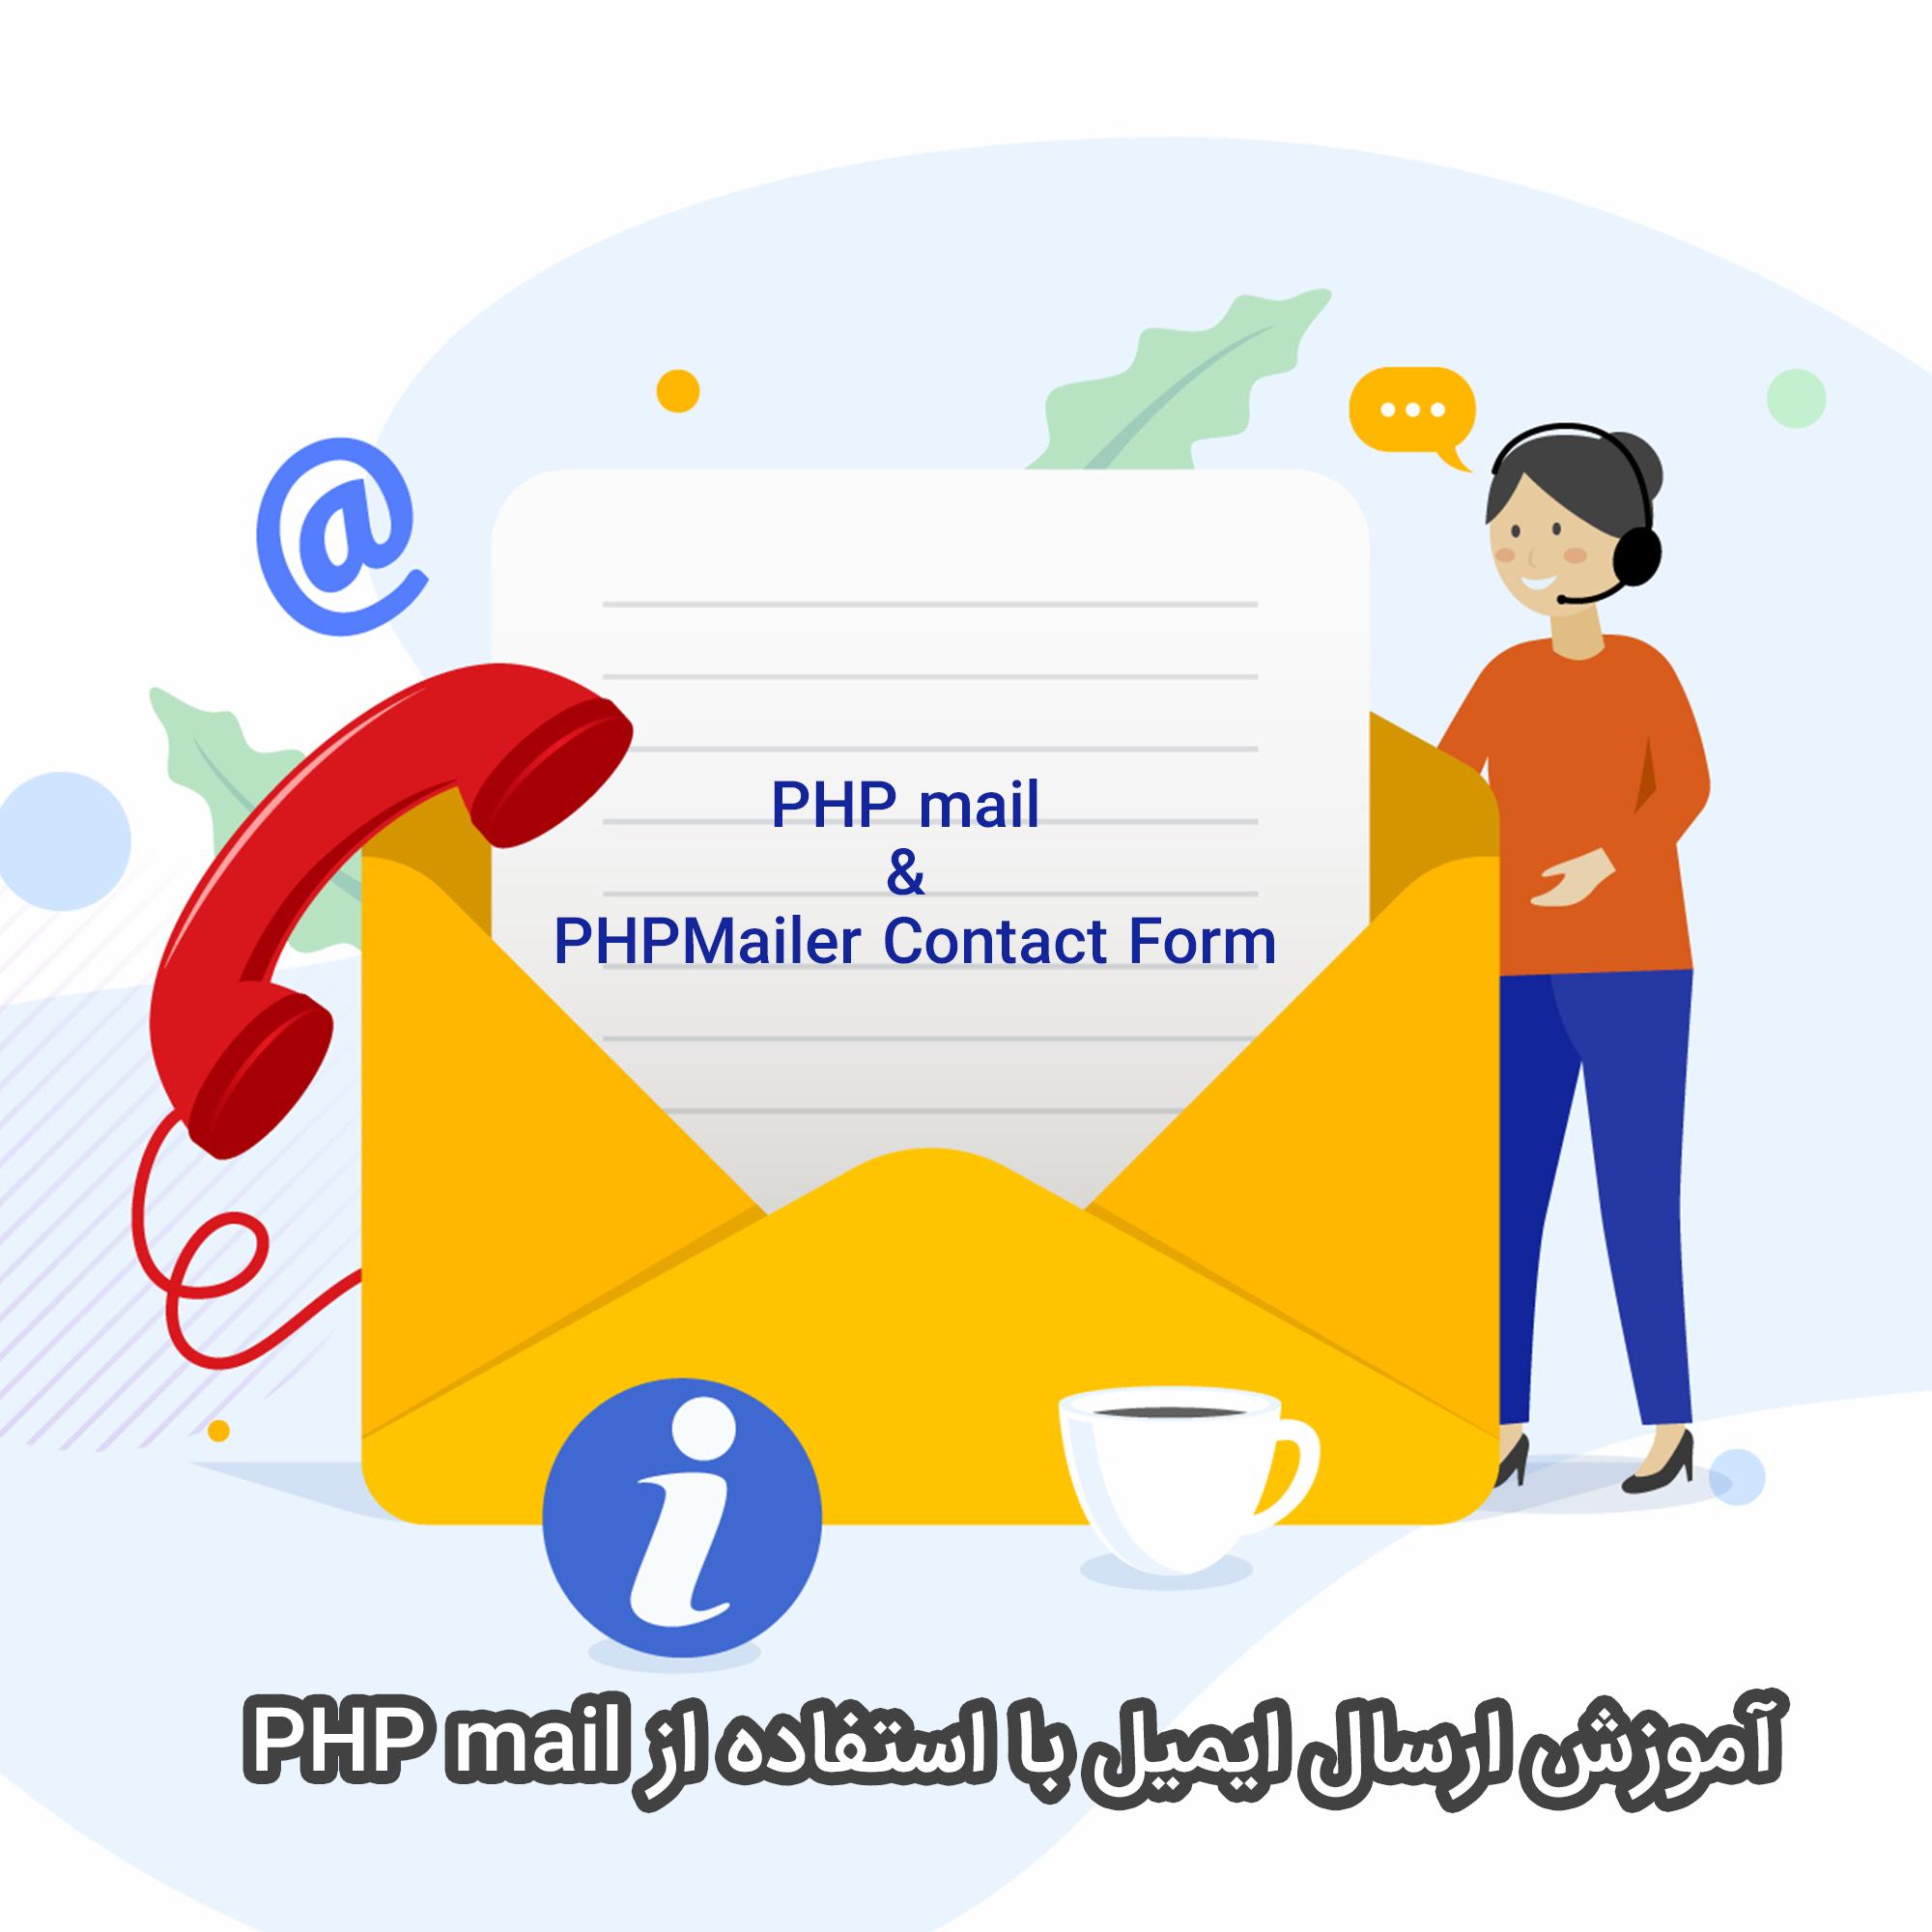 ارسال ایمیل با PHP و تابع mail() و ساخت فرم تماس با ما